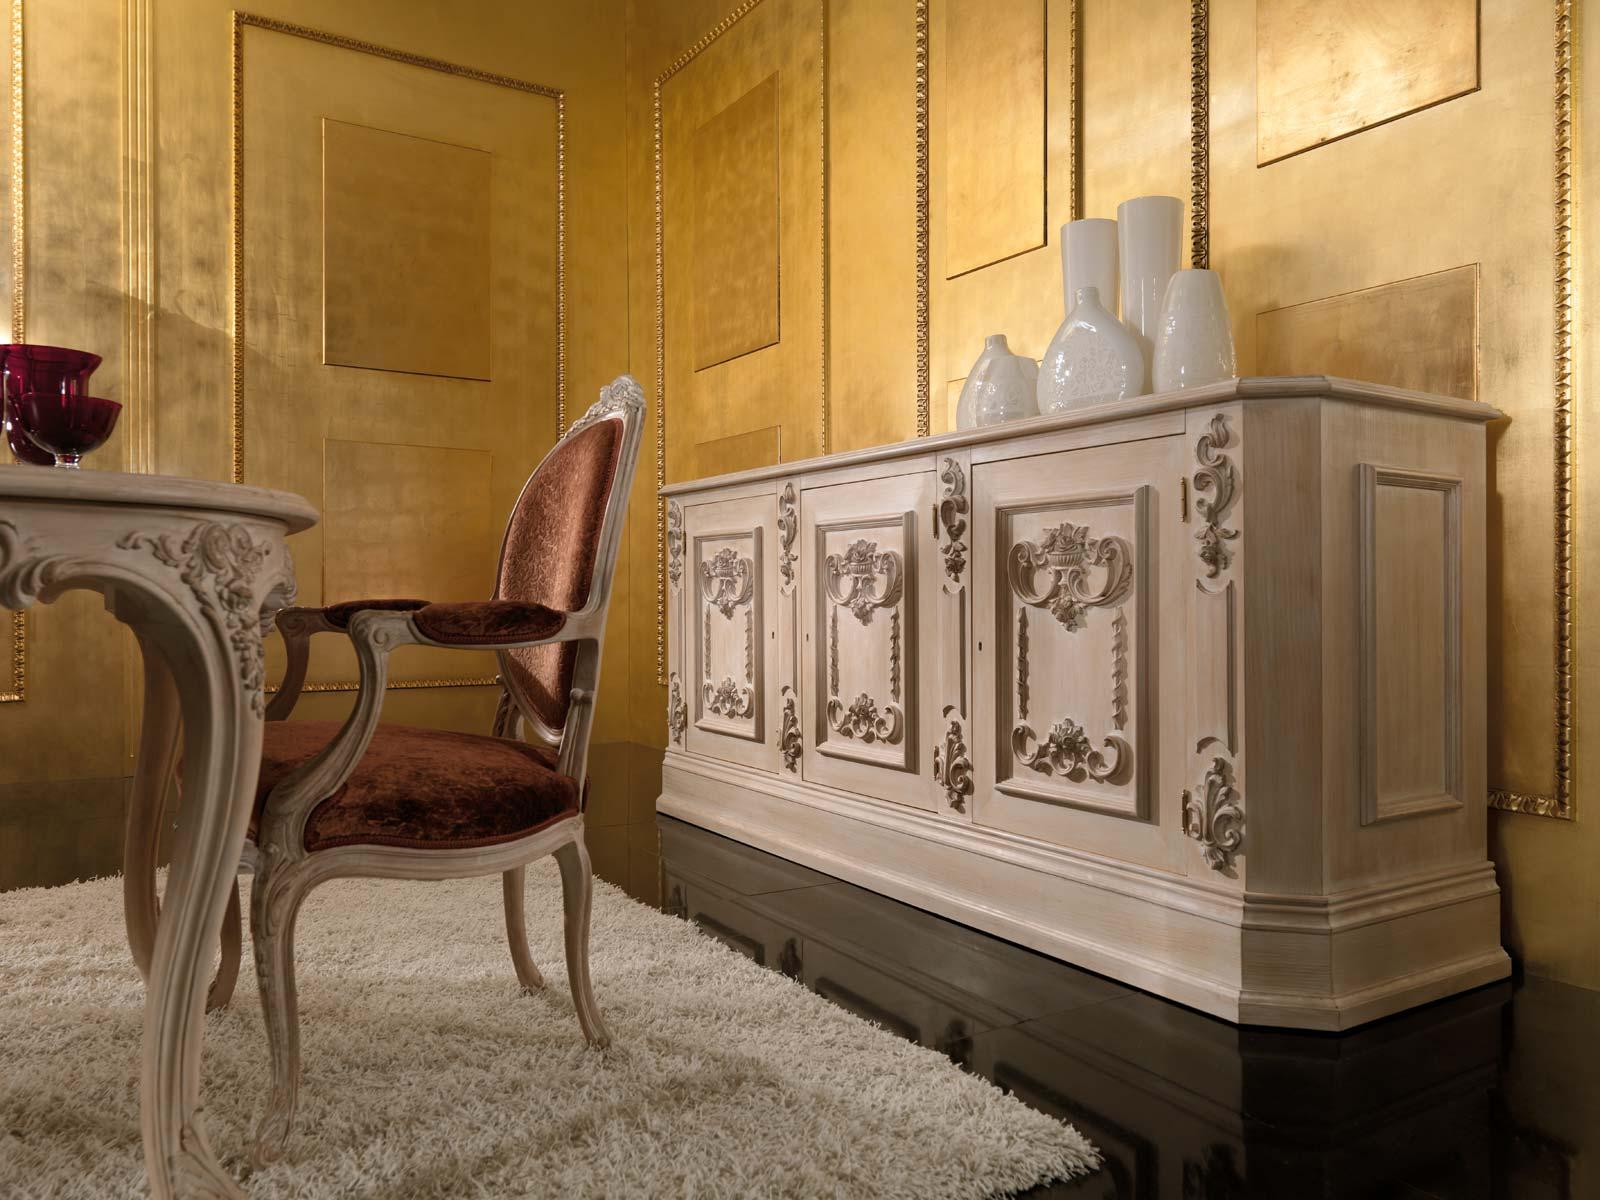 Sistemi e mobili per zona giorno e zona notte. Mobili Classici Di Lusso In Stile E Art Deco Tst